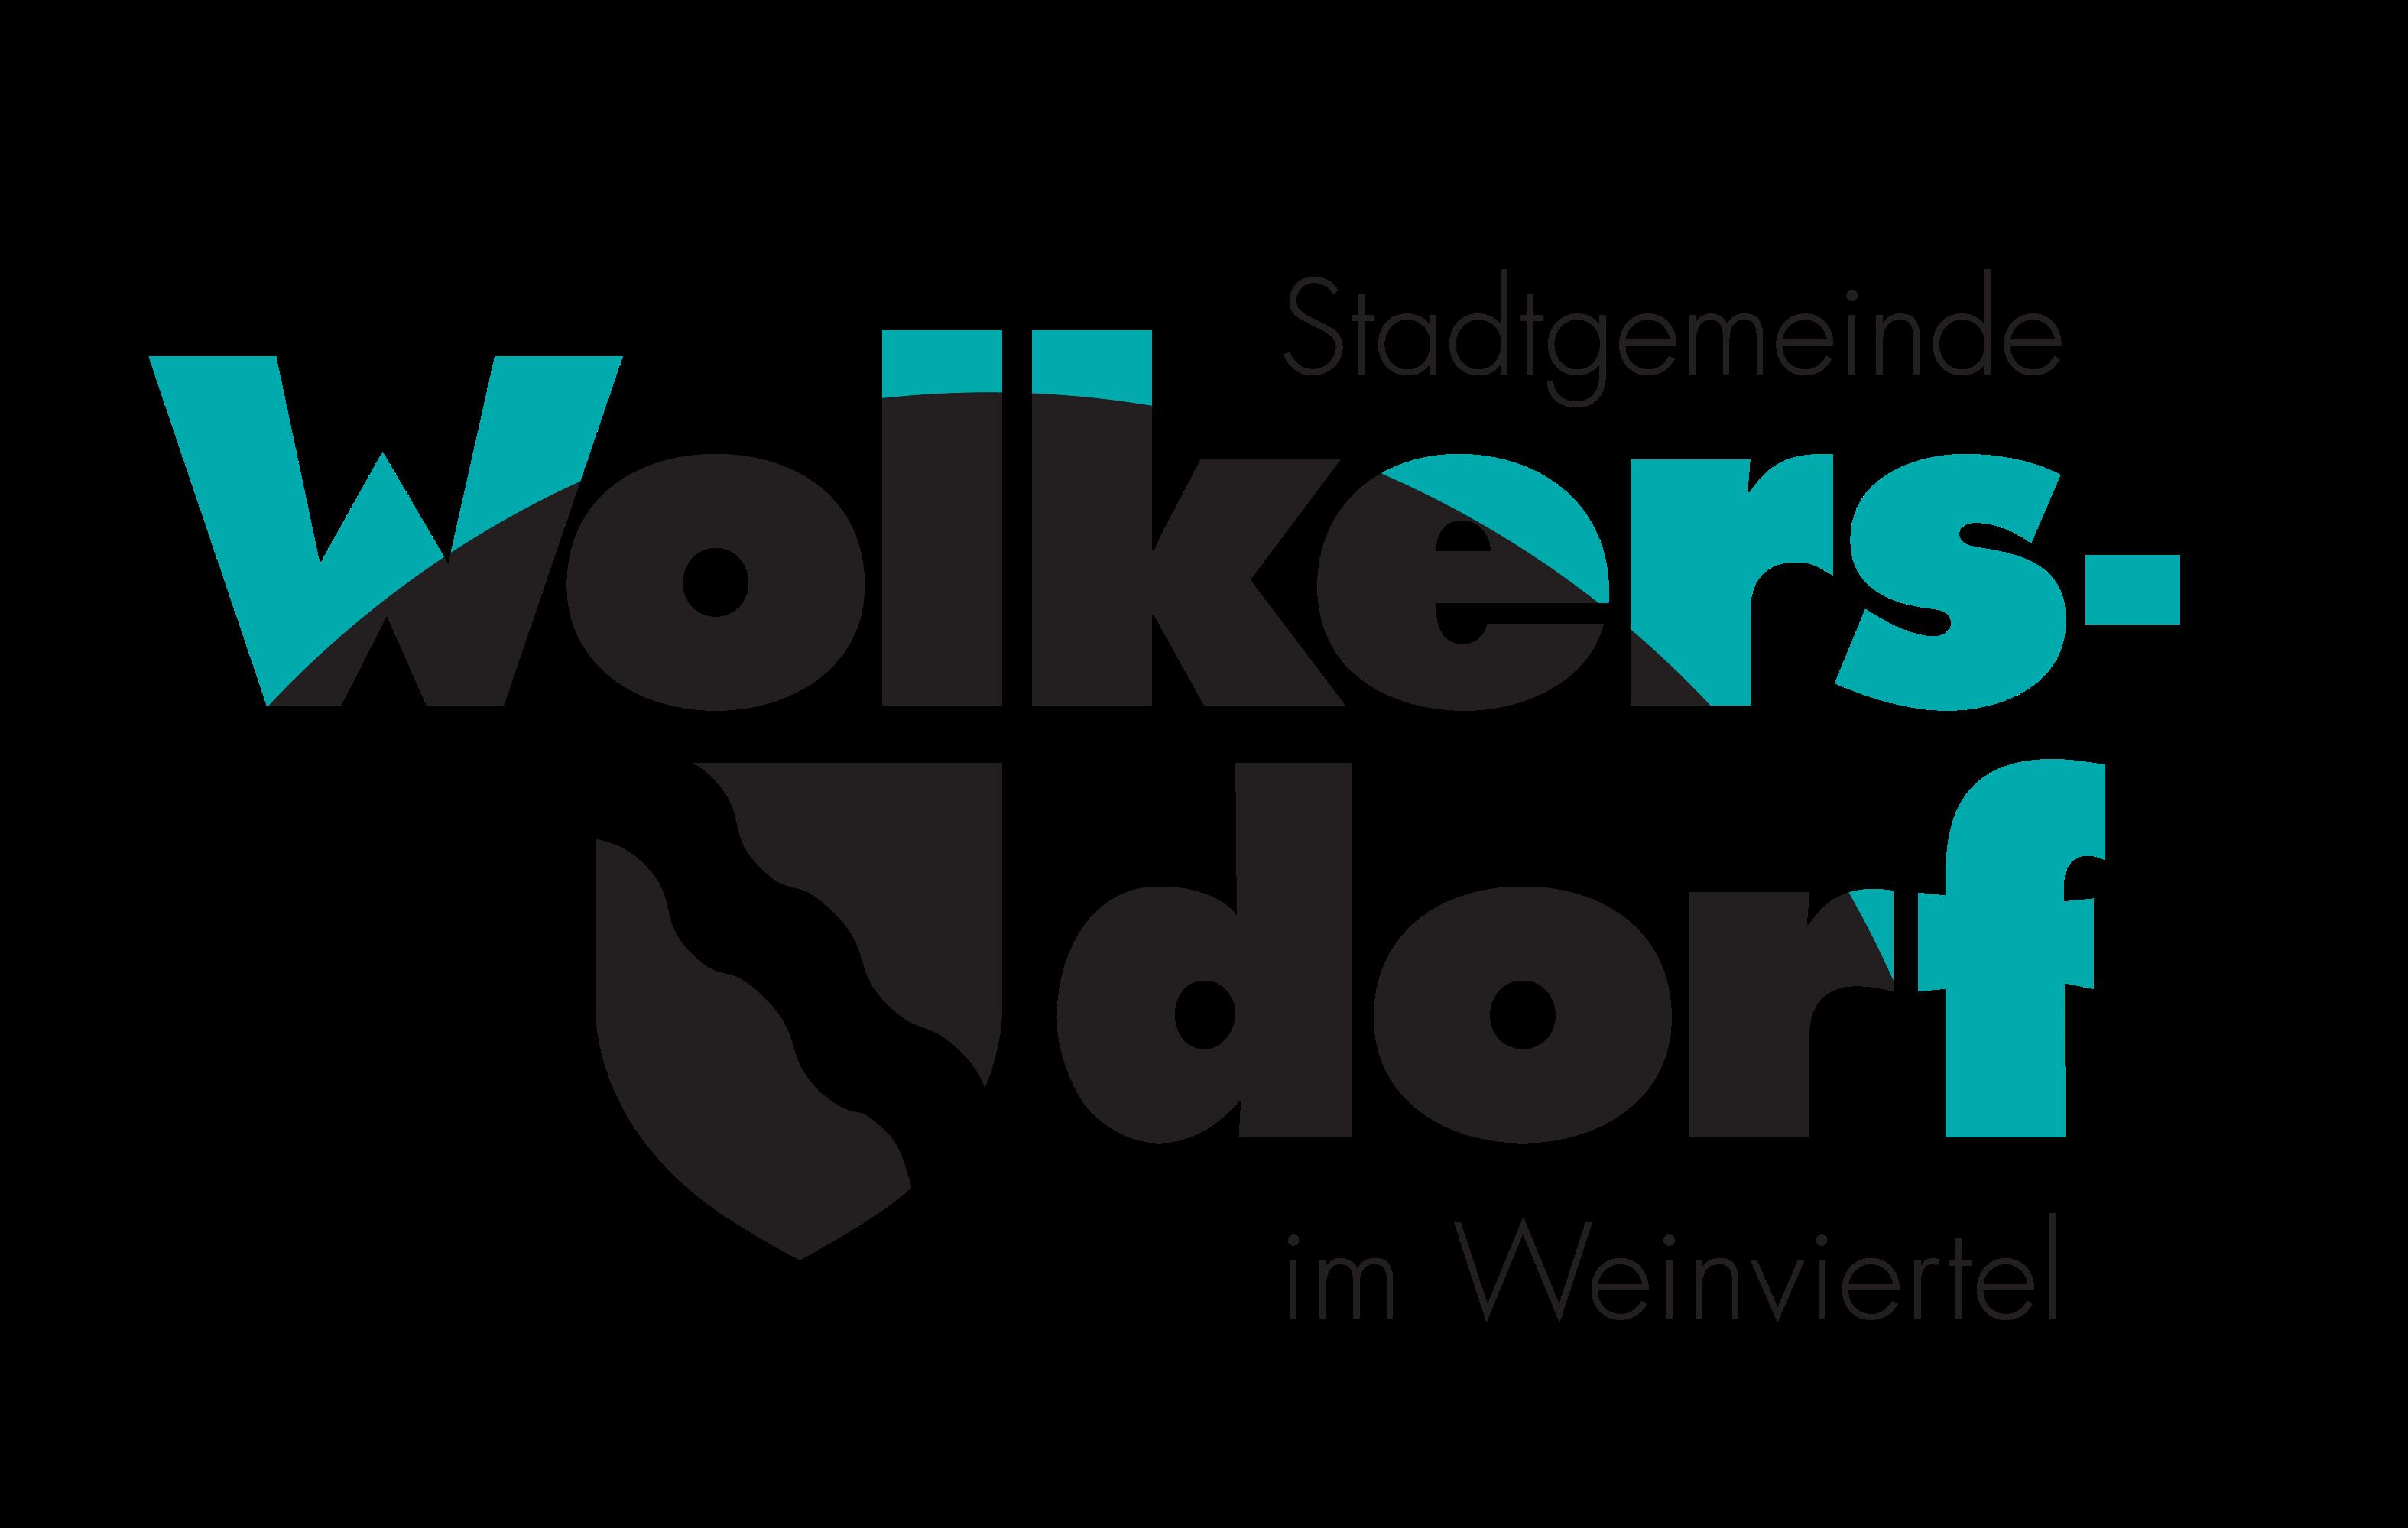 logo wolkersdorf-1 Kopie.png